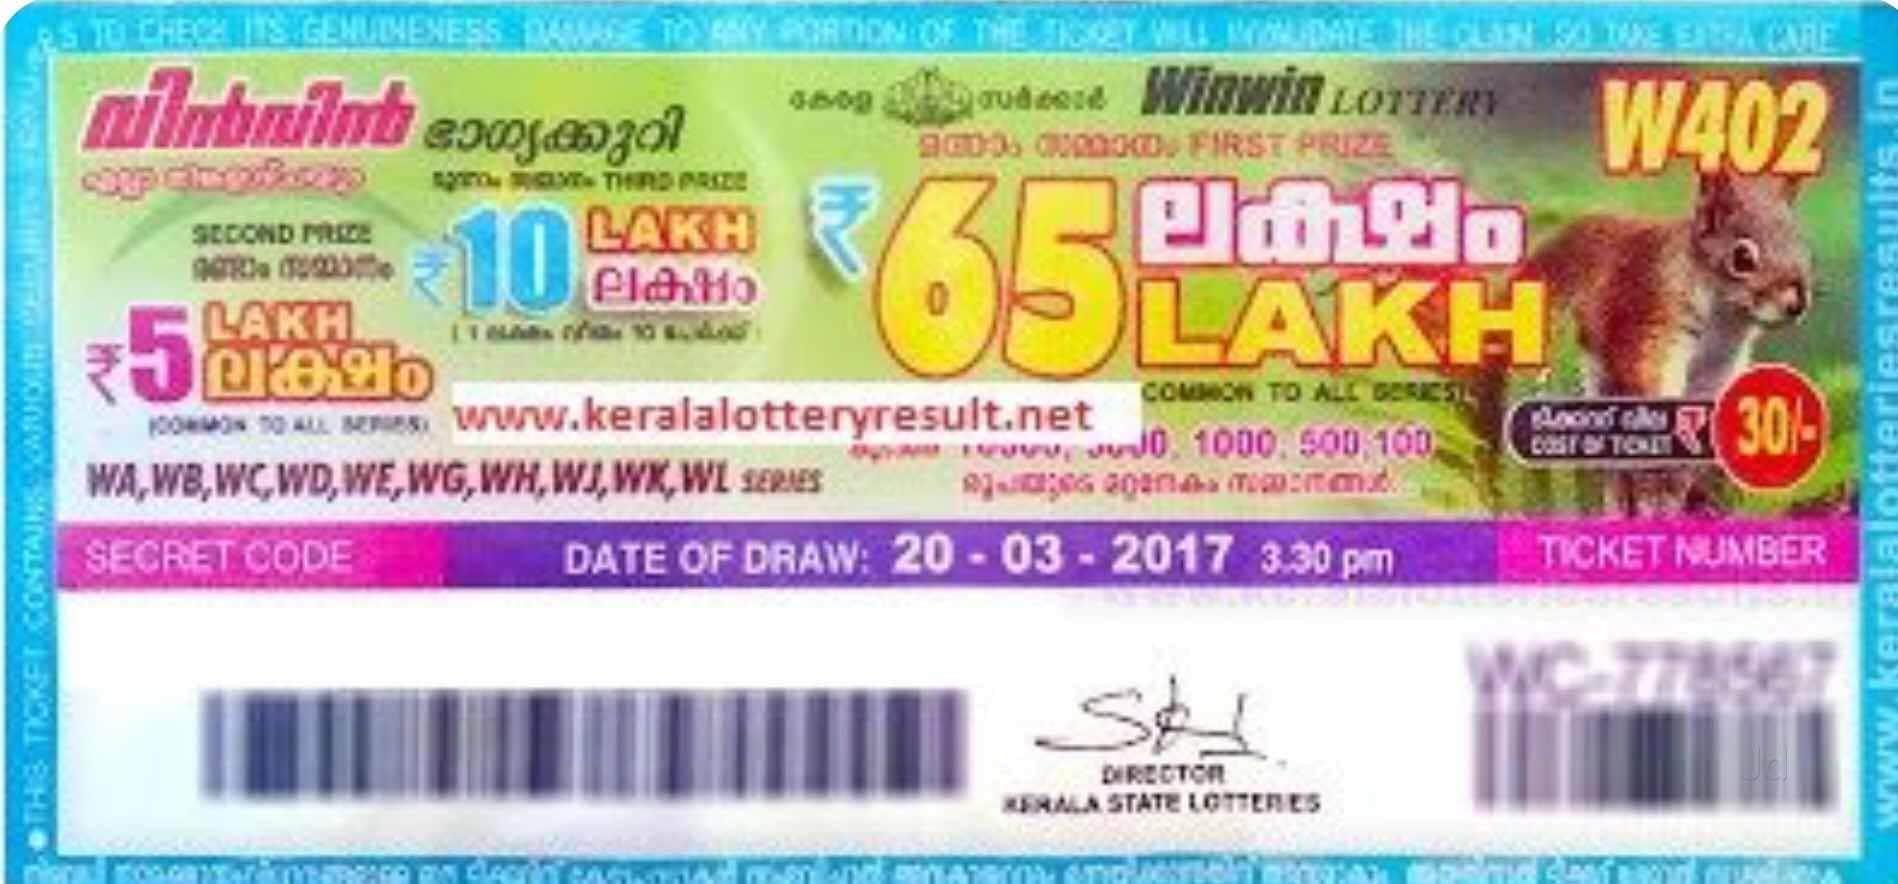 Top Shree Laxmi Lottery Dealers in Kottarakara - Best Shree